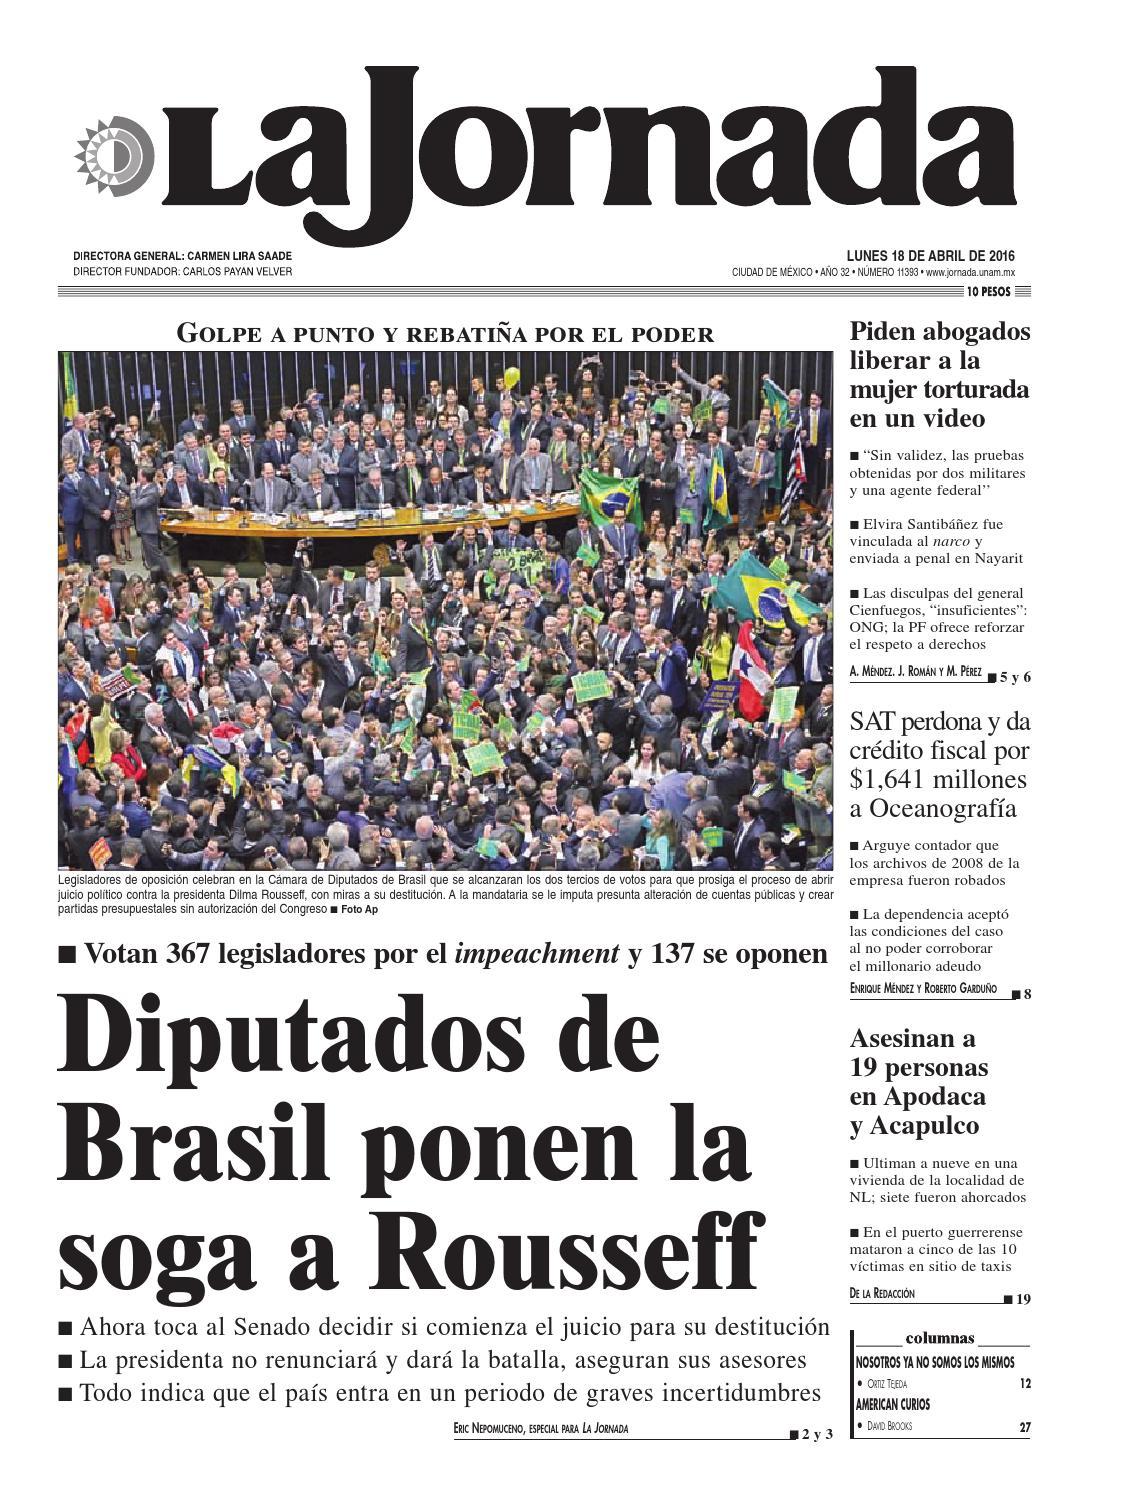 La Jornada, 04/18/2016 by La Jornada: DEMOS Desarrollo de Medios SA ...